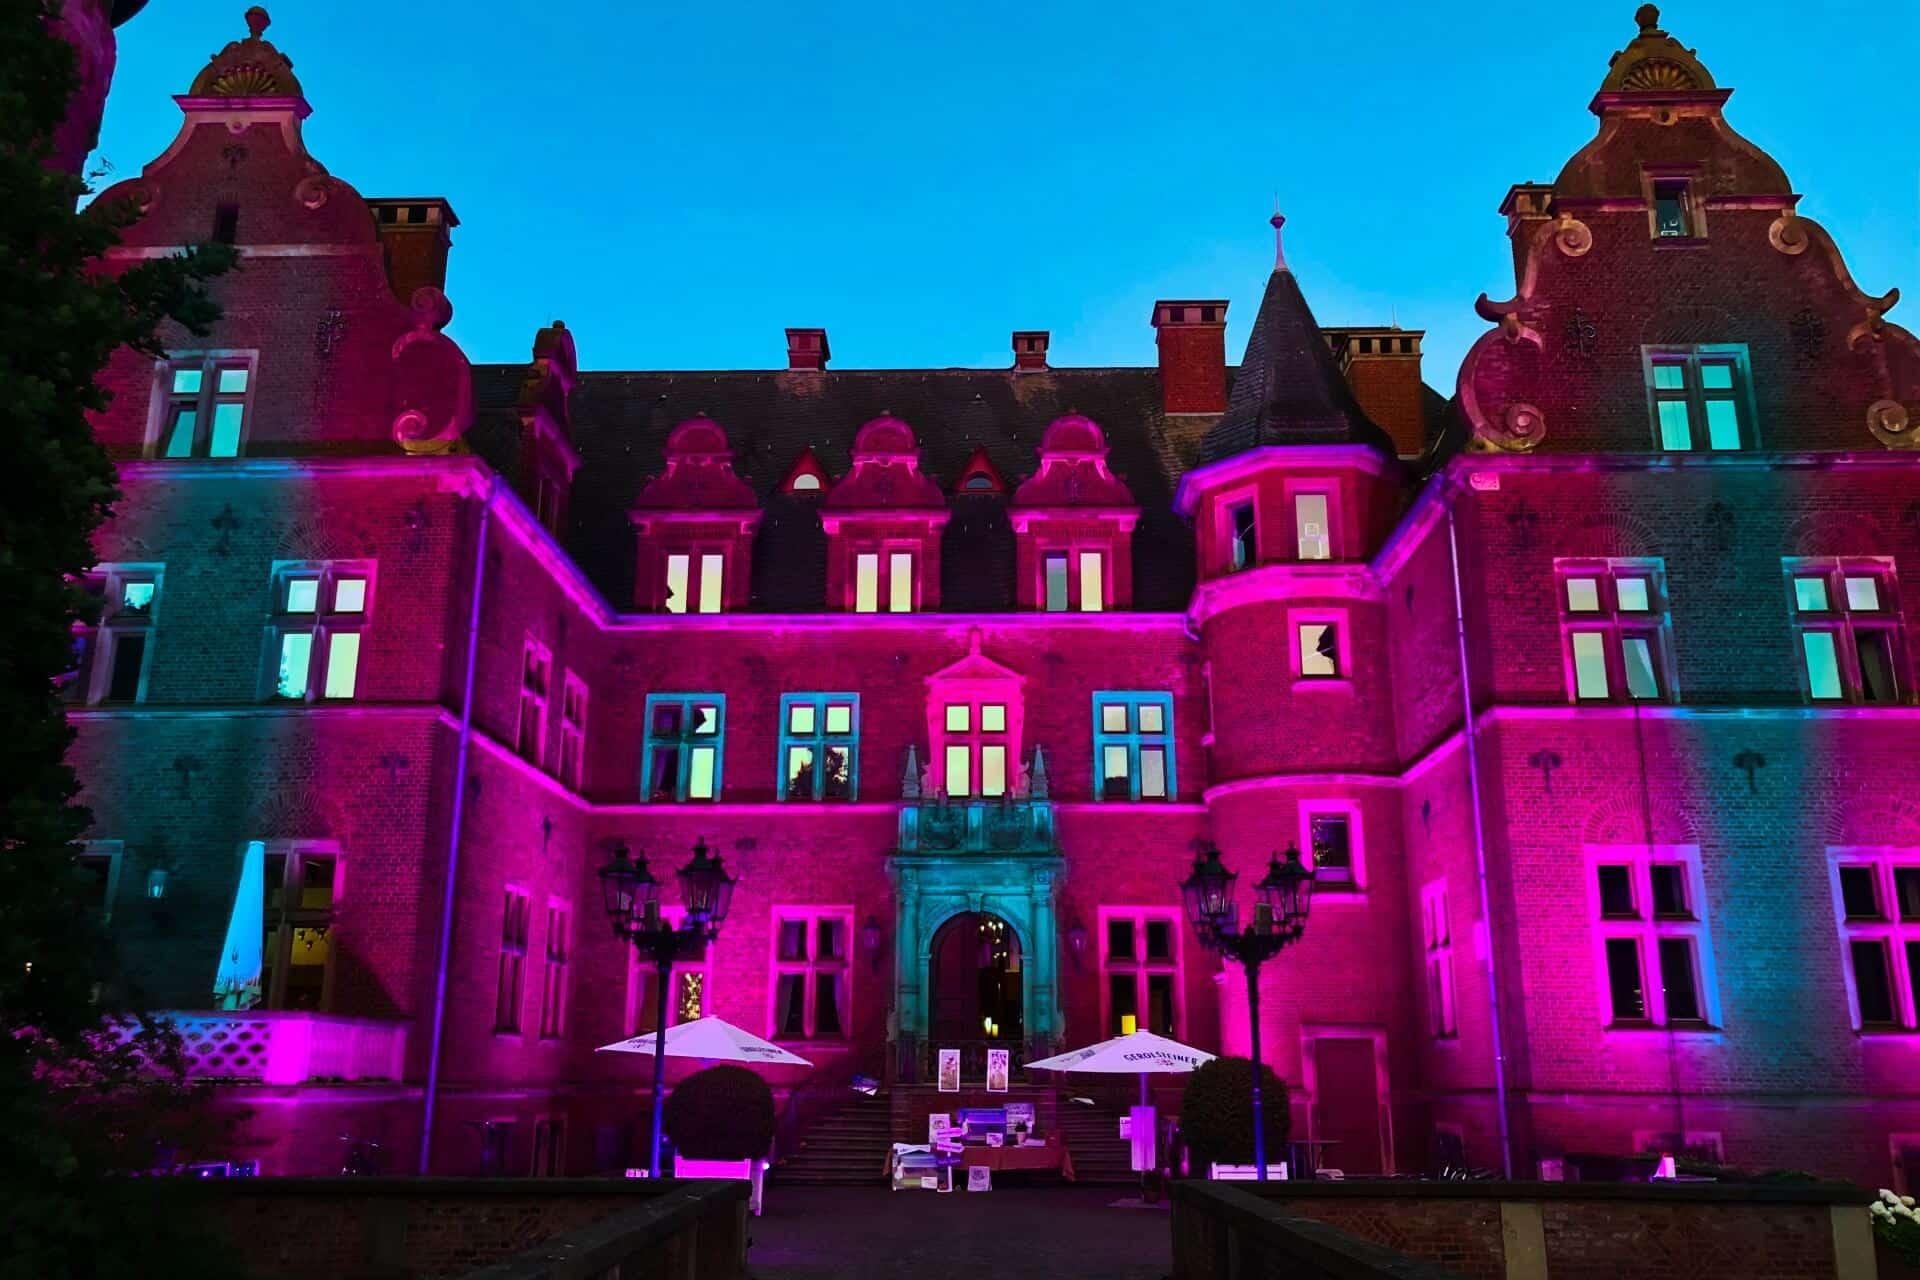 Beleuchtung und Illumination mit Licht eines Schloss